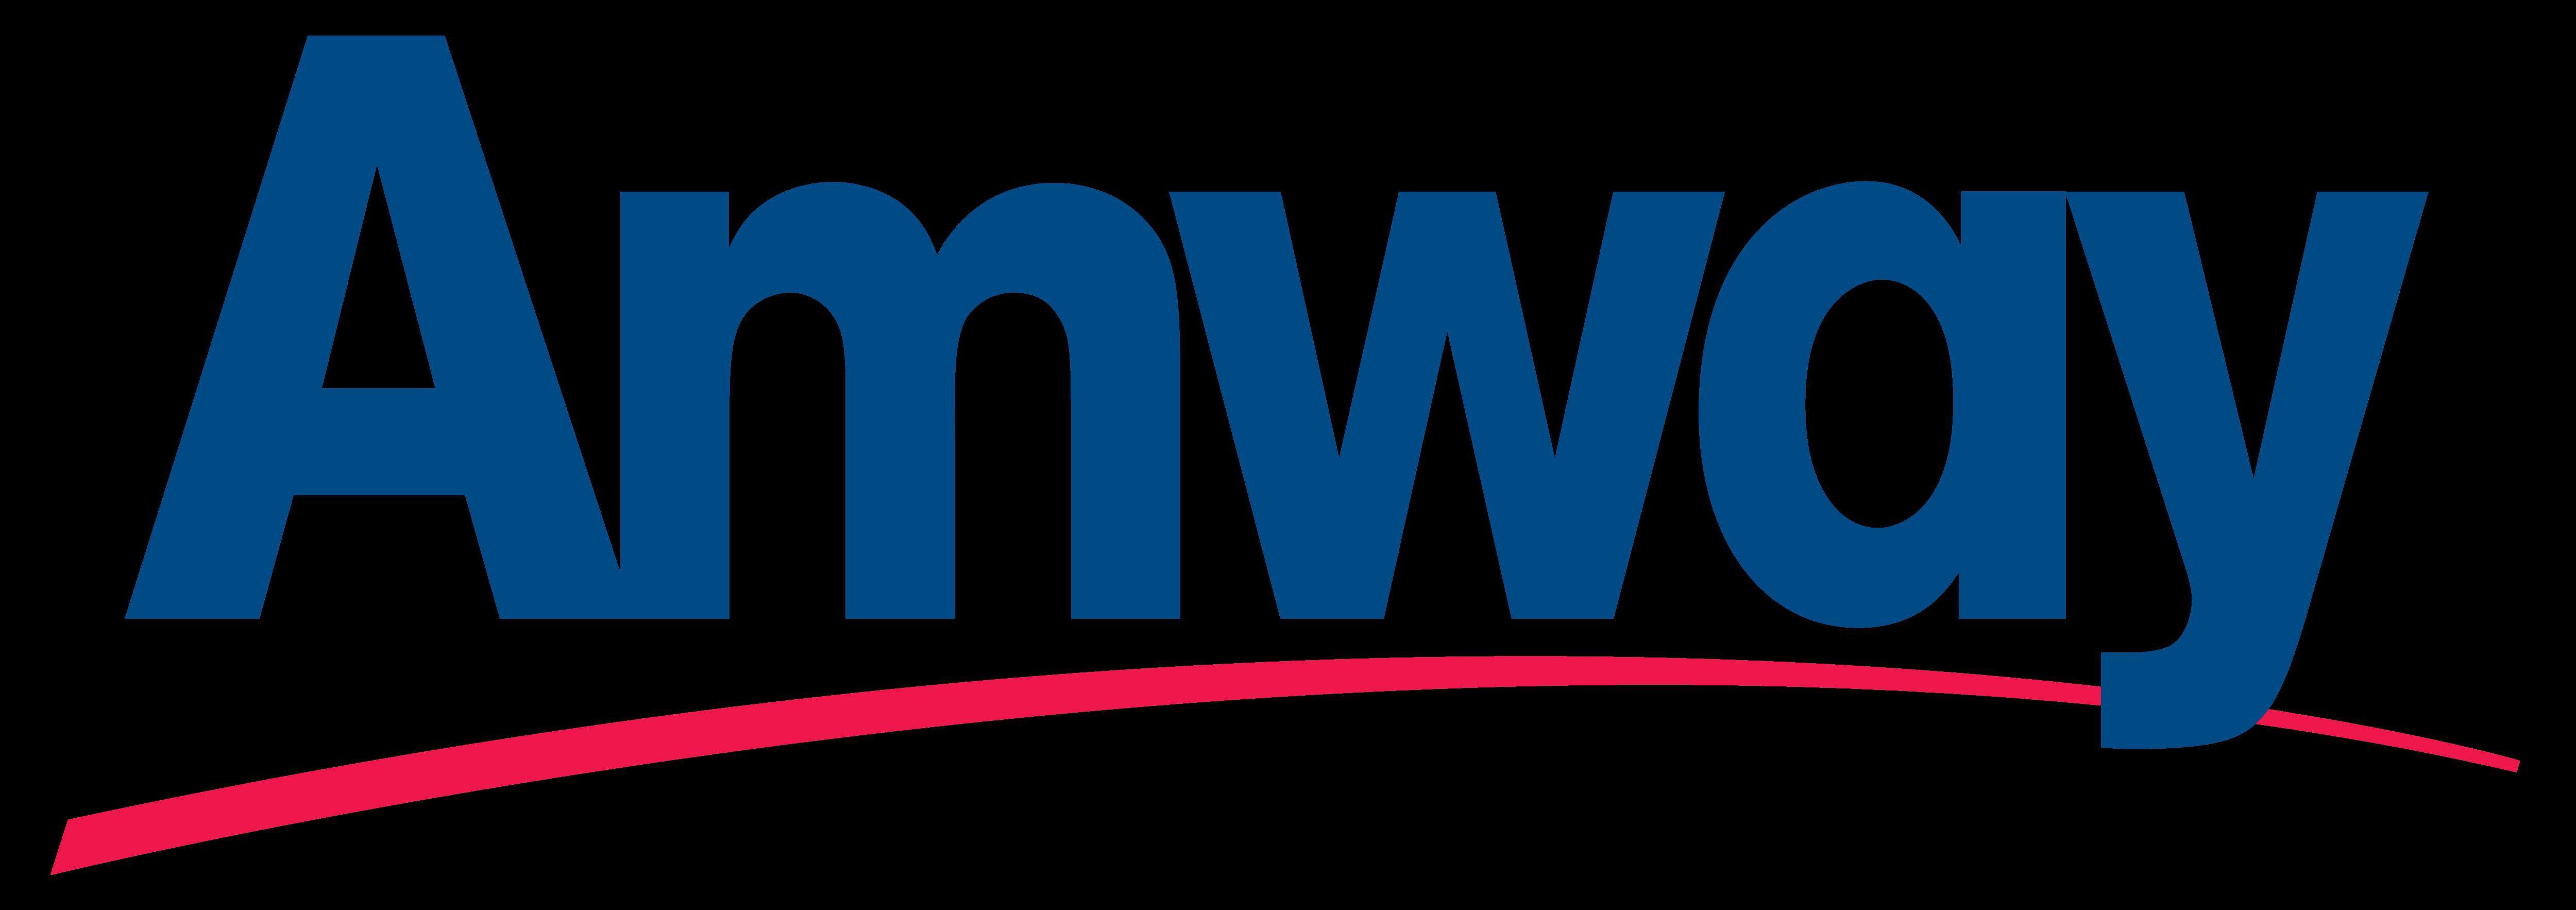 Amway_logo_2.png